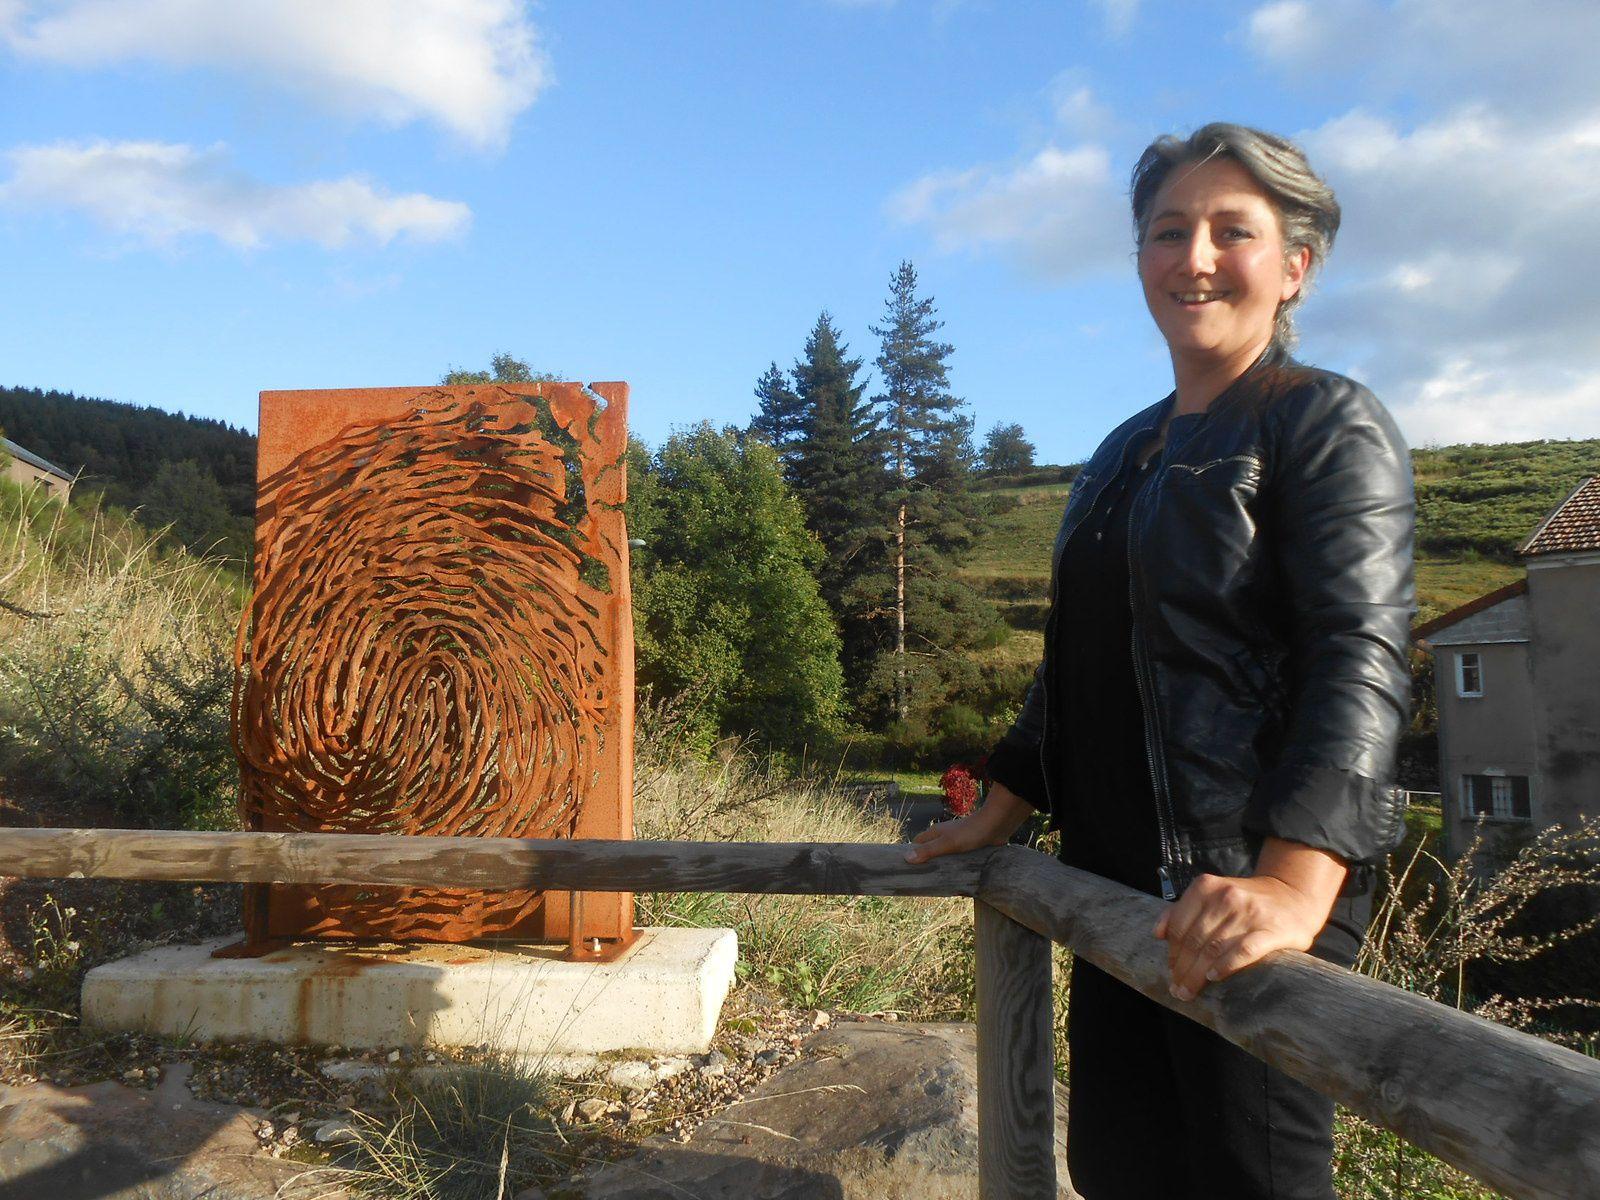 Yzo inaugurait en septembre 2015, ses oeuvres réalisées pour le nouveau collège de St-Cirgues-en-montagne, dans le cadre du 1% artistique. Voir article publié dans le blog le 22/09/2015, catégorie culture.